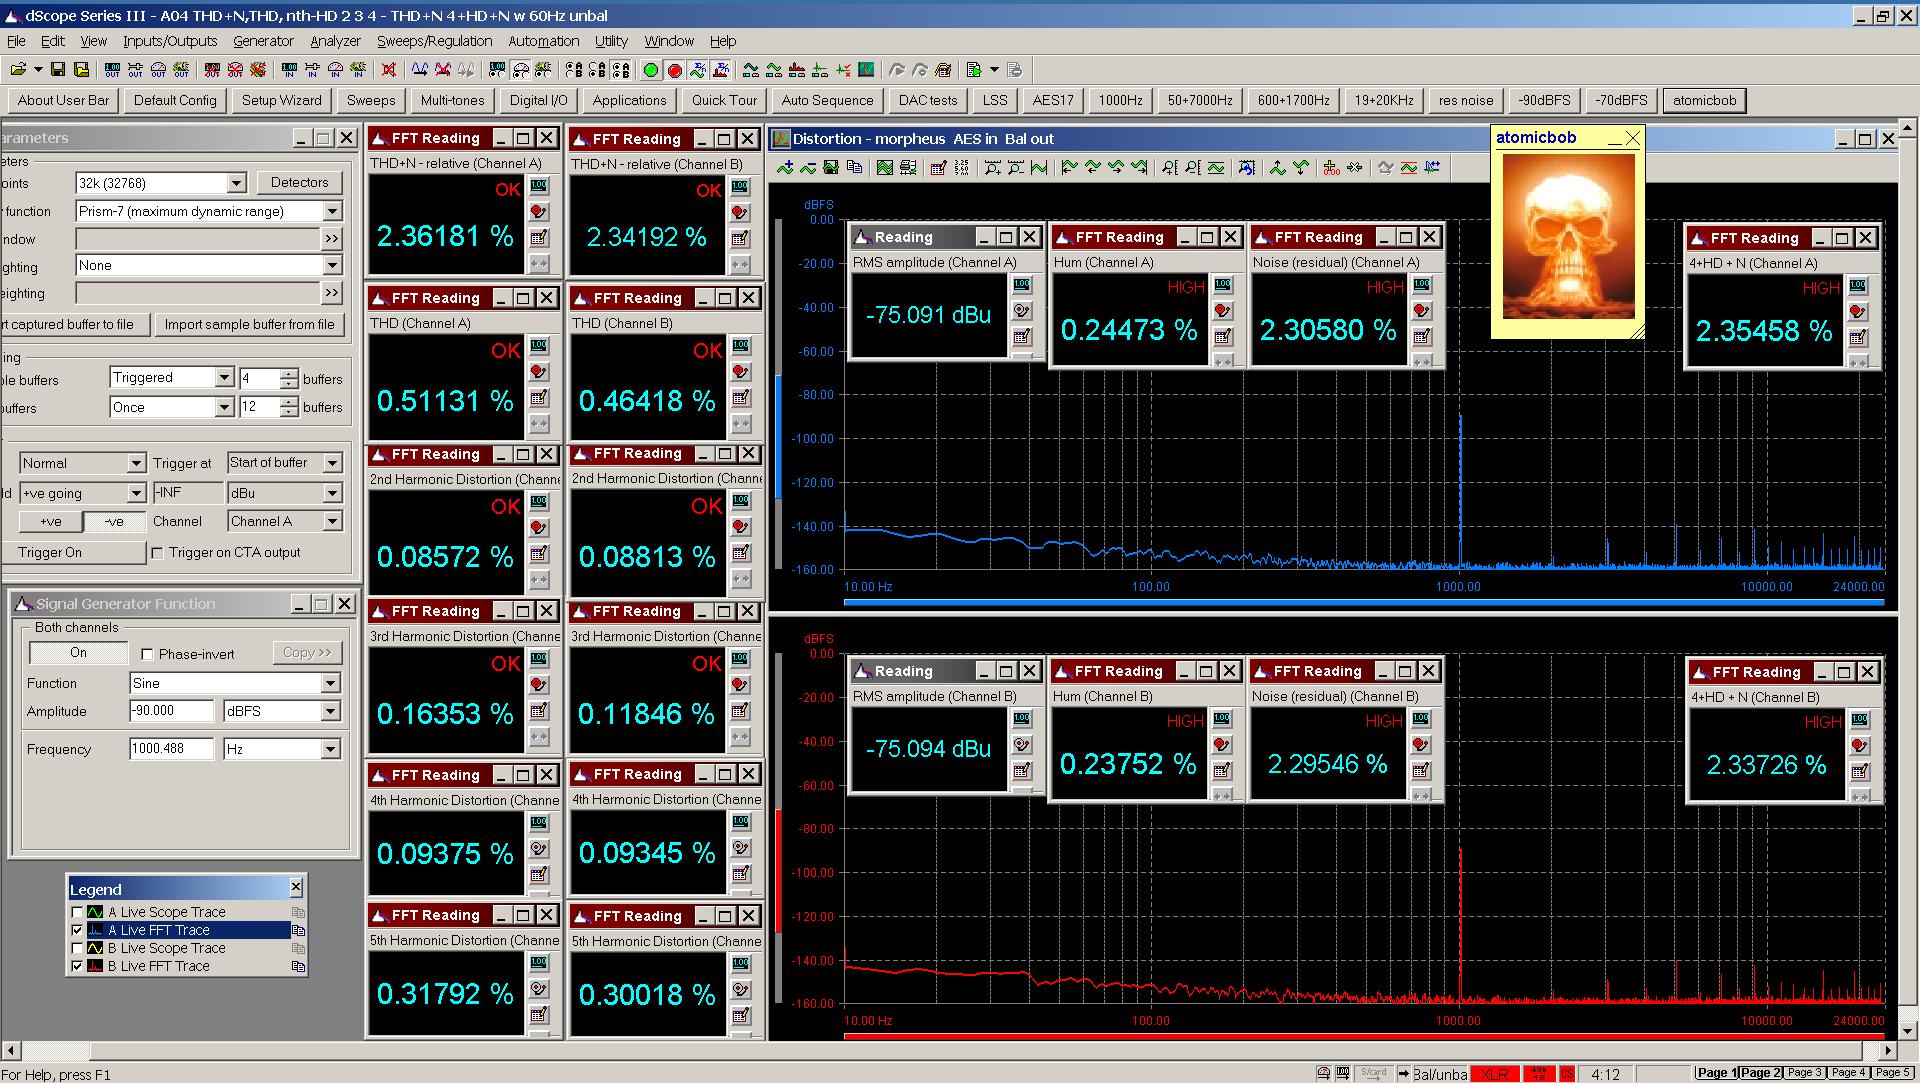 20200723 morpheus A04 THD+N THD nth-HD 4+HD+N 60Hz FFT Bal -90dBFS - AES.png